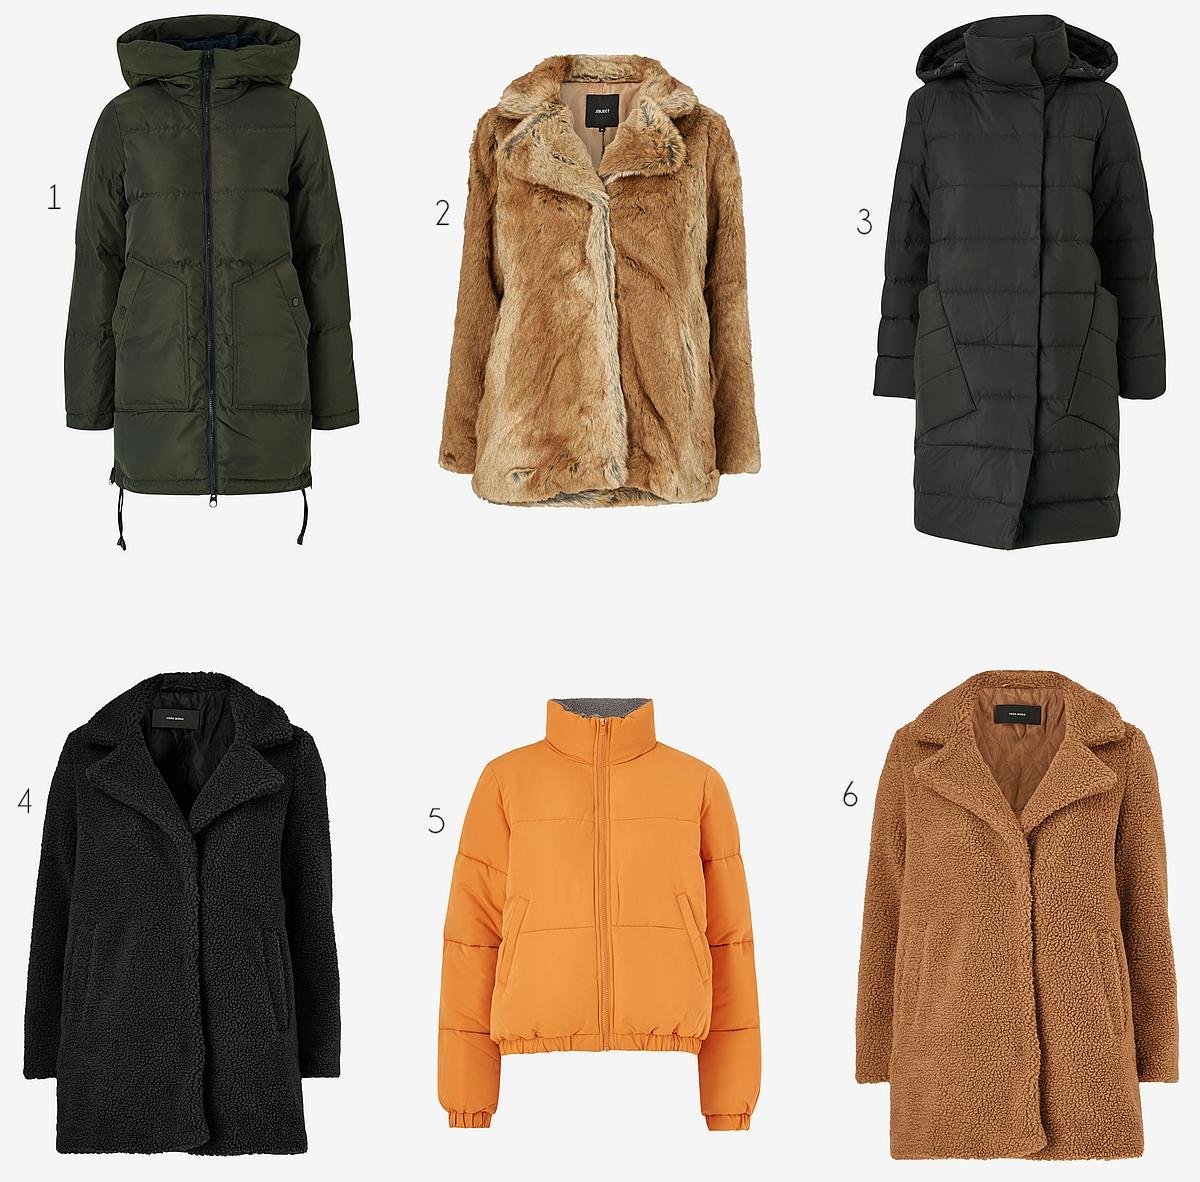 Köpa Vinterjacka i Trelleborg erbjudanden, rabatter och